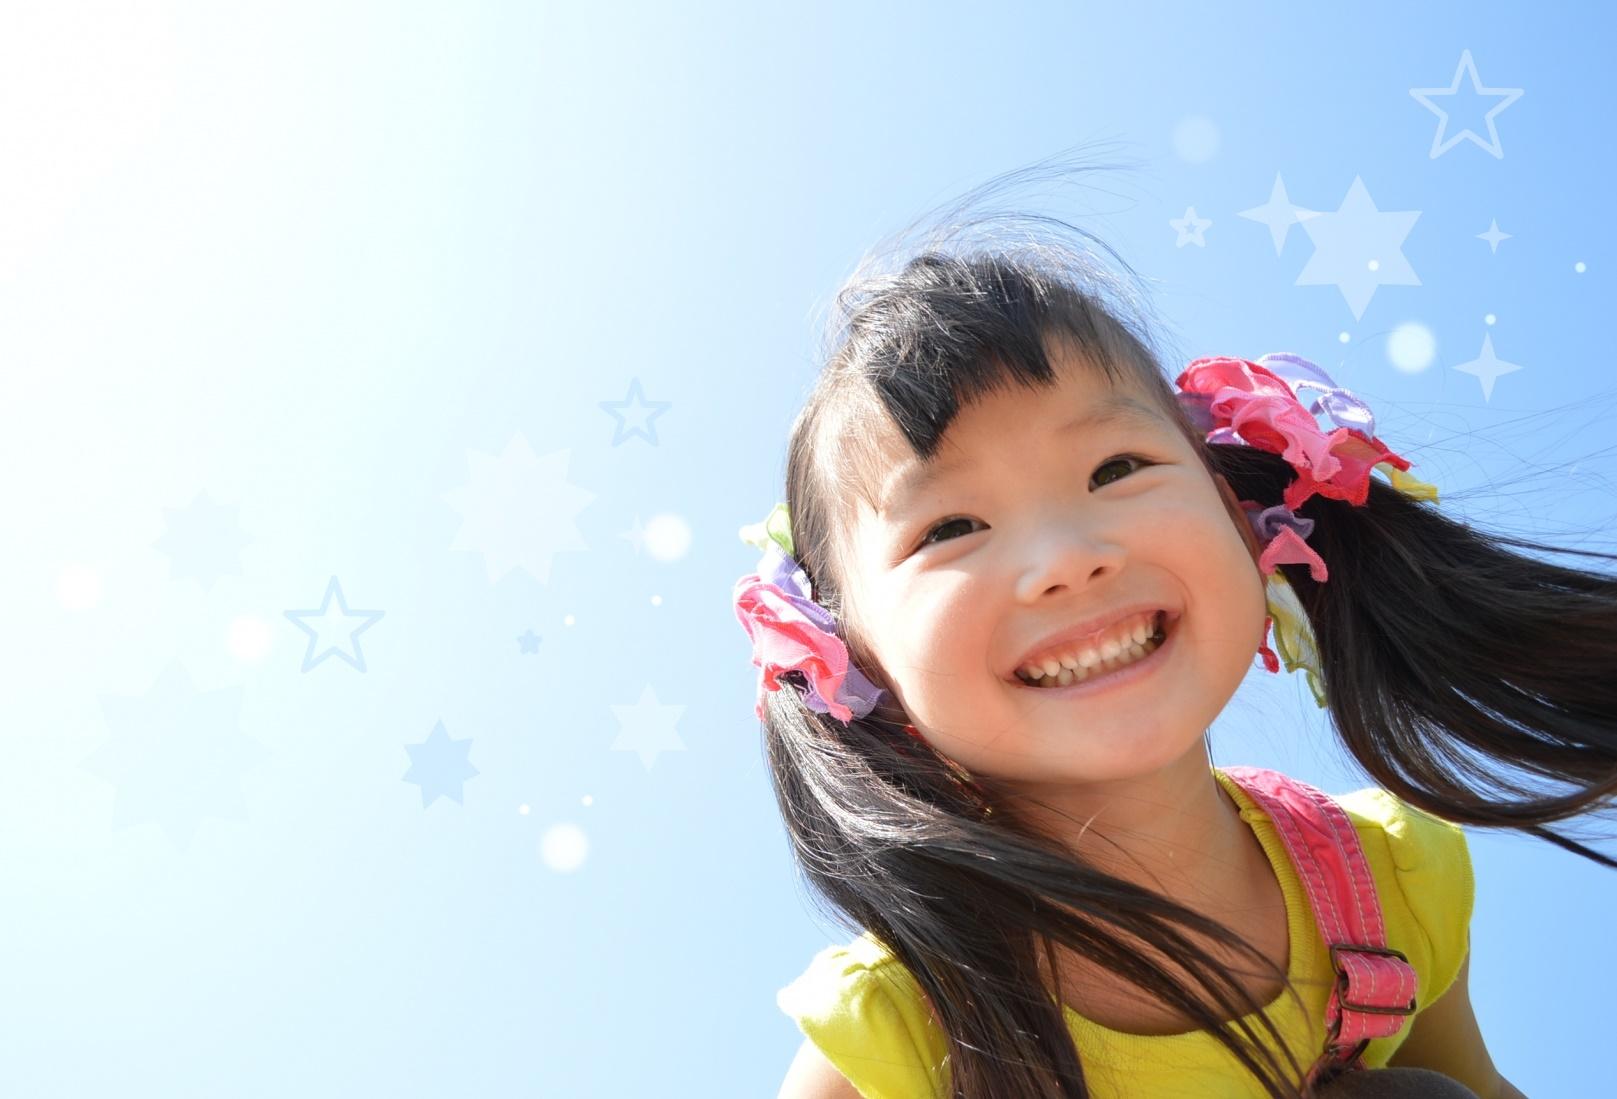 【鳥取県/東伯郡】グループホームの介護職の募集です(ks4283)